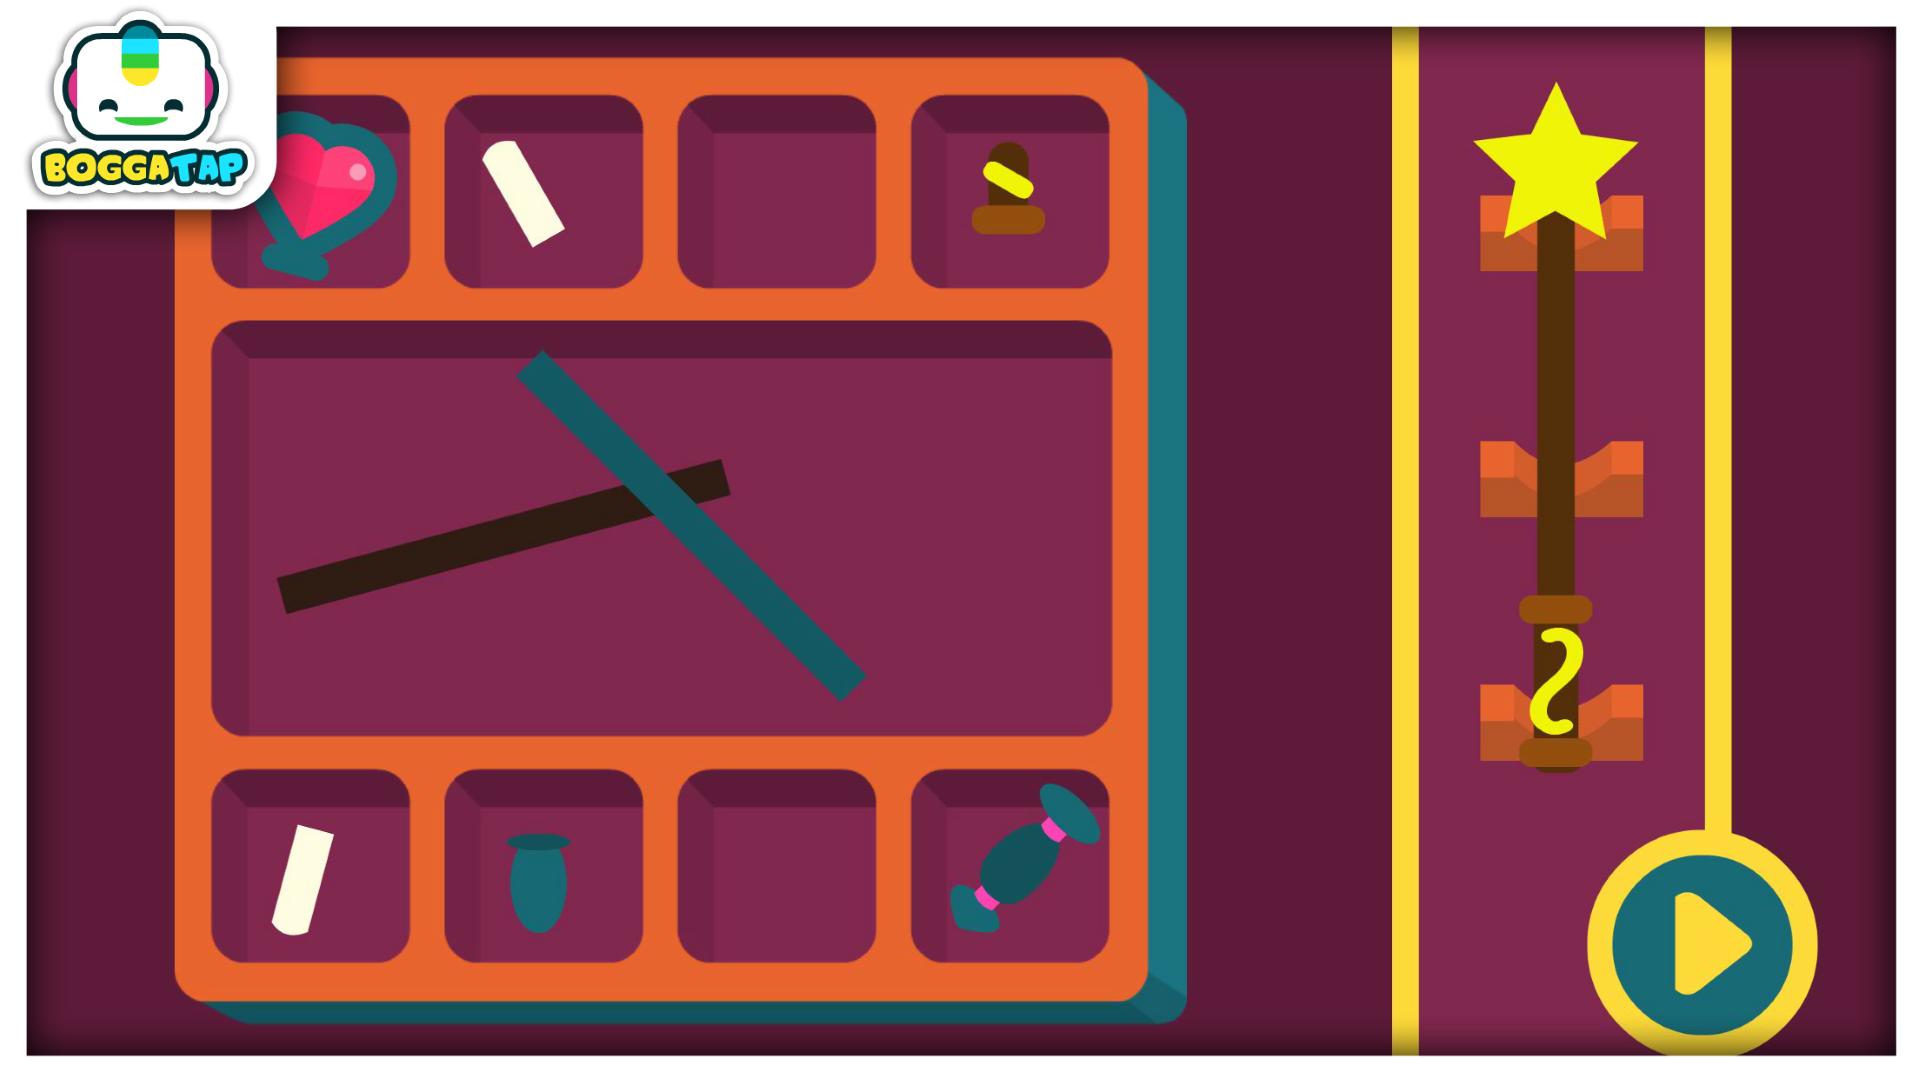 Bogga magic magic app for kids apps f r android Majic app